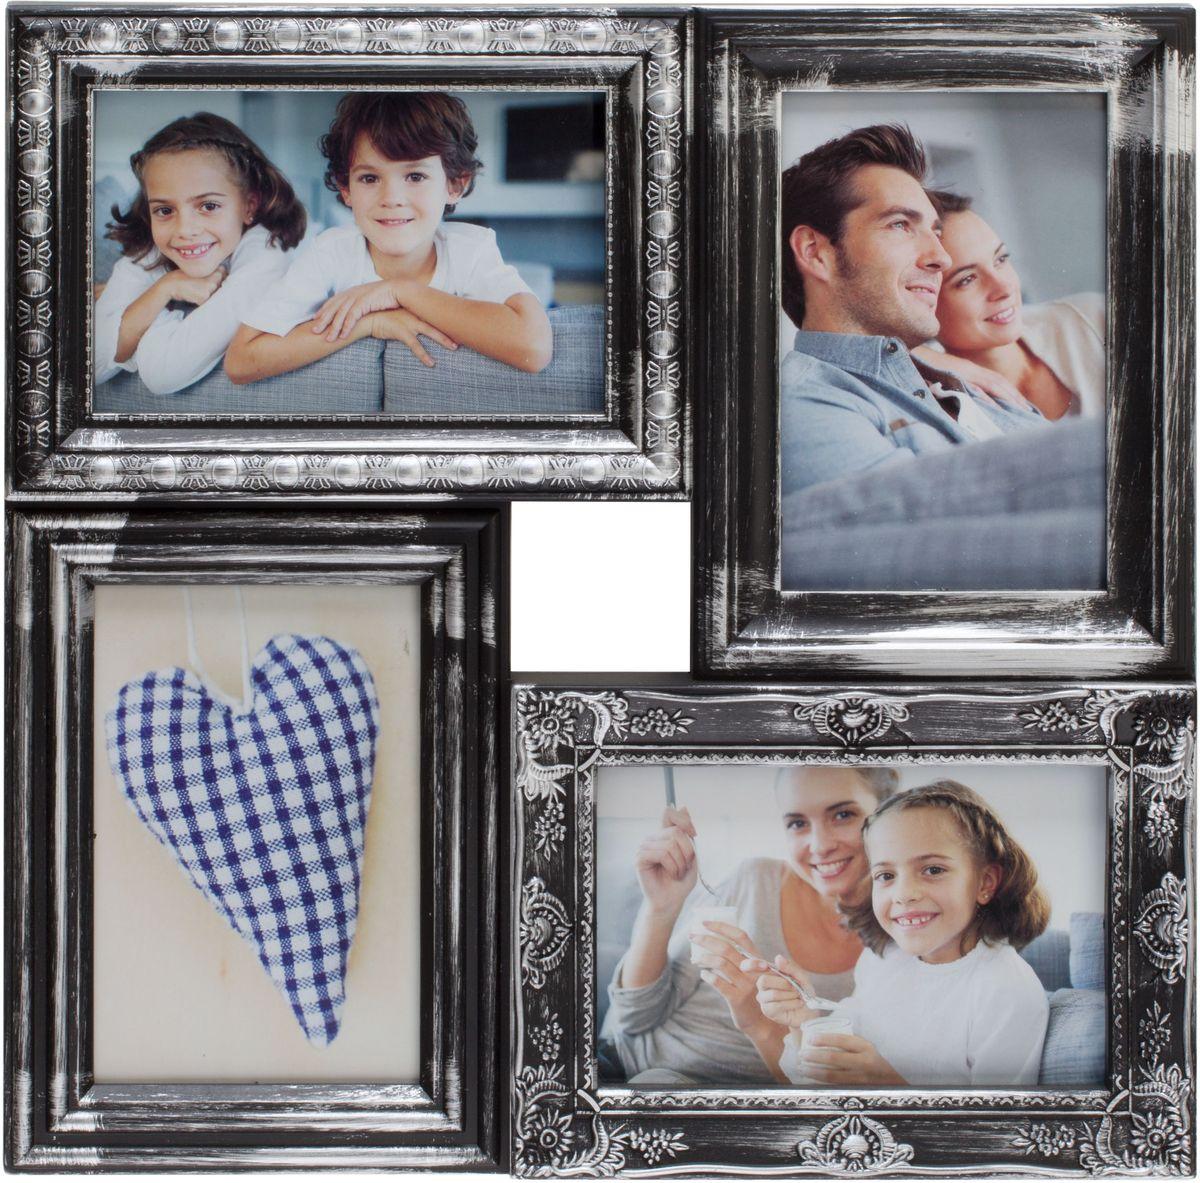 Фоторамка Platinum, цвет: черный, серебристый, на 4 фото 10 х 15 см. BIN-112181PLATINUM BIN-112181 Чёрный с серебром (Black with silver)Фоторамка Platinum - прекрасный способ красиво оформить ваши фотографии. Фоторамка выполнена из пластика и защищена стеклом. Фоторамка-коллаж представляет собой четыре фоторамки для фото одного размера оригинально соединенных между собой. Такая фоторамка поможет сохранить в памяти самые яркие моменты вашей жизни, а стильный дизайн сделает ее прекрасным дополнением интерьера комнаты.Фоторамка подходит для фотографий 10 х 15 см.Общий размер фоторамки: 33 х 33 см.